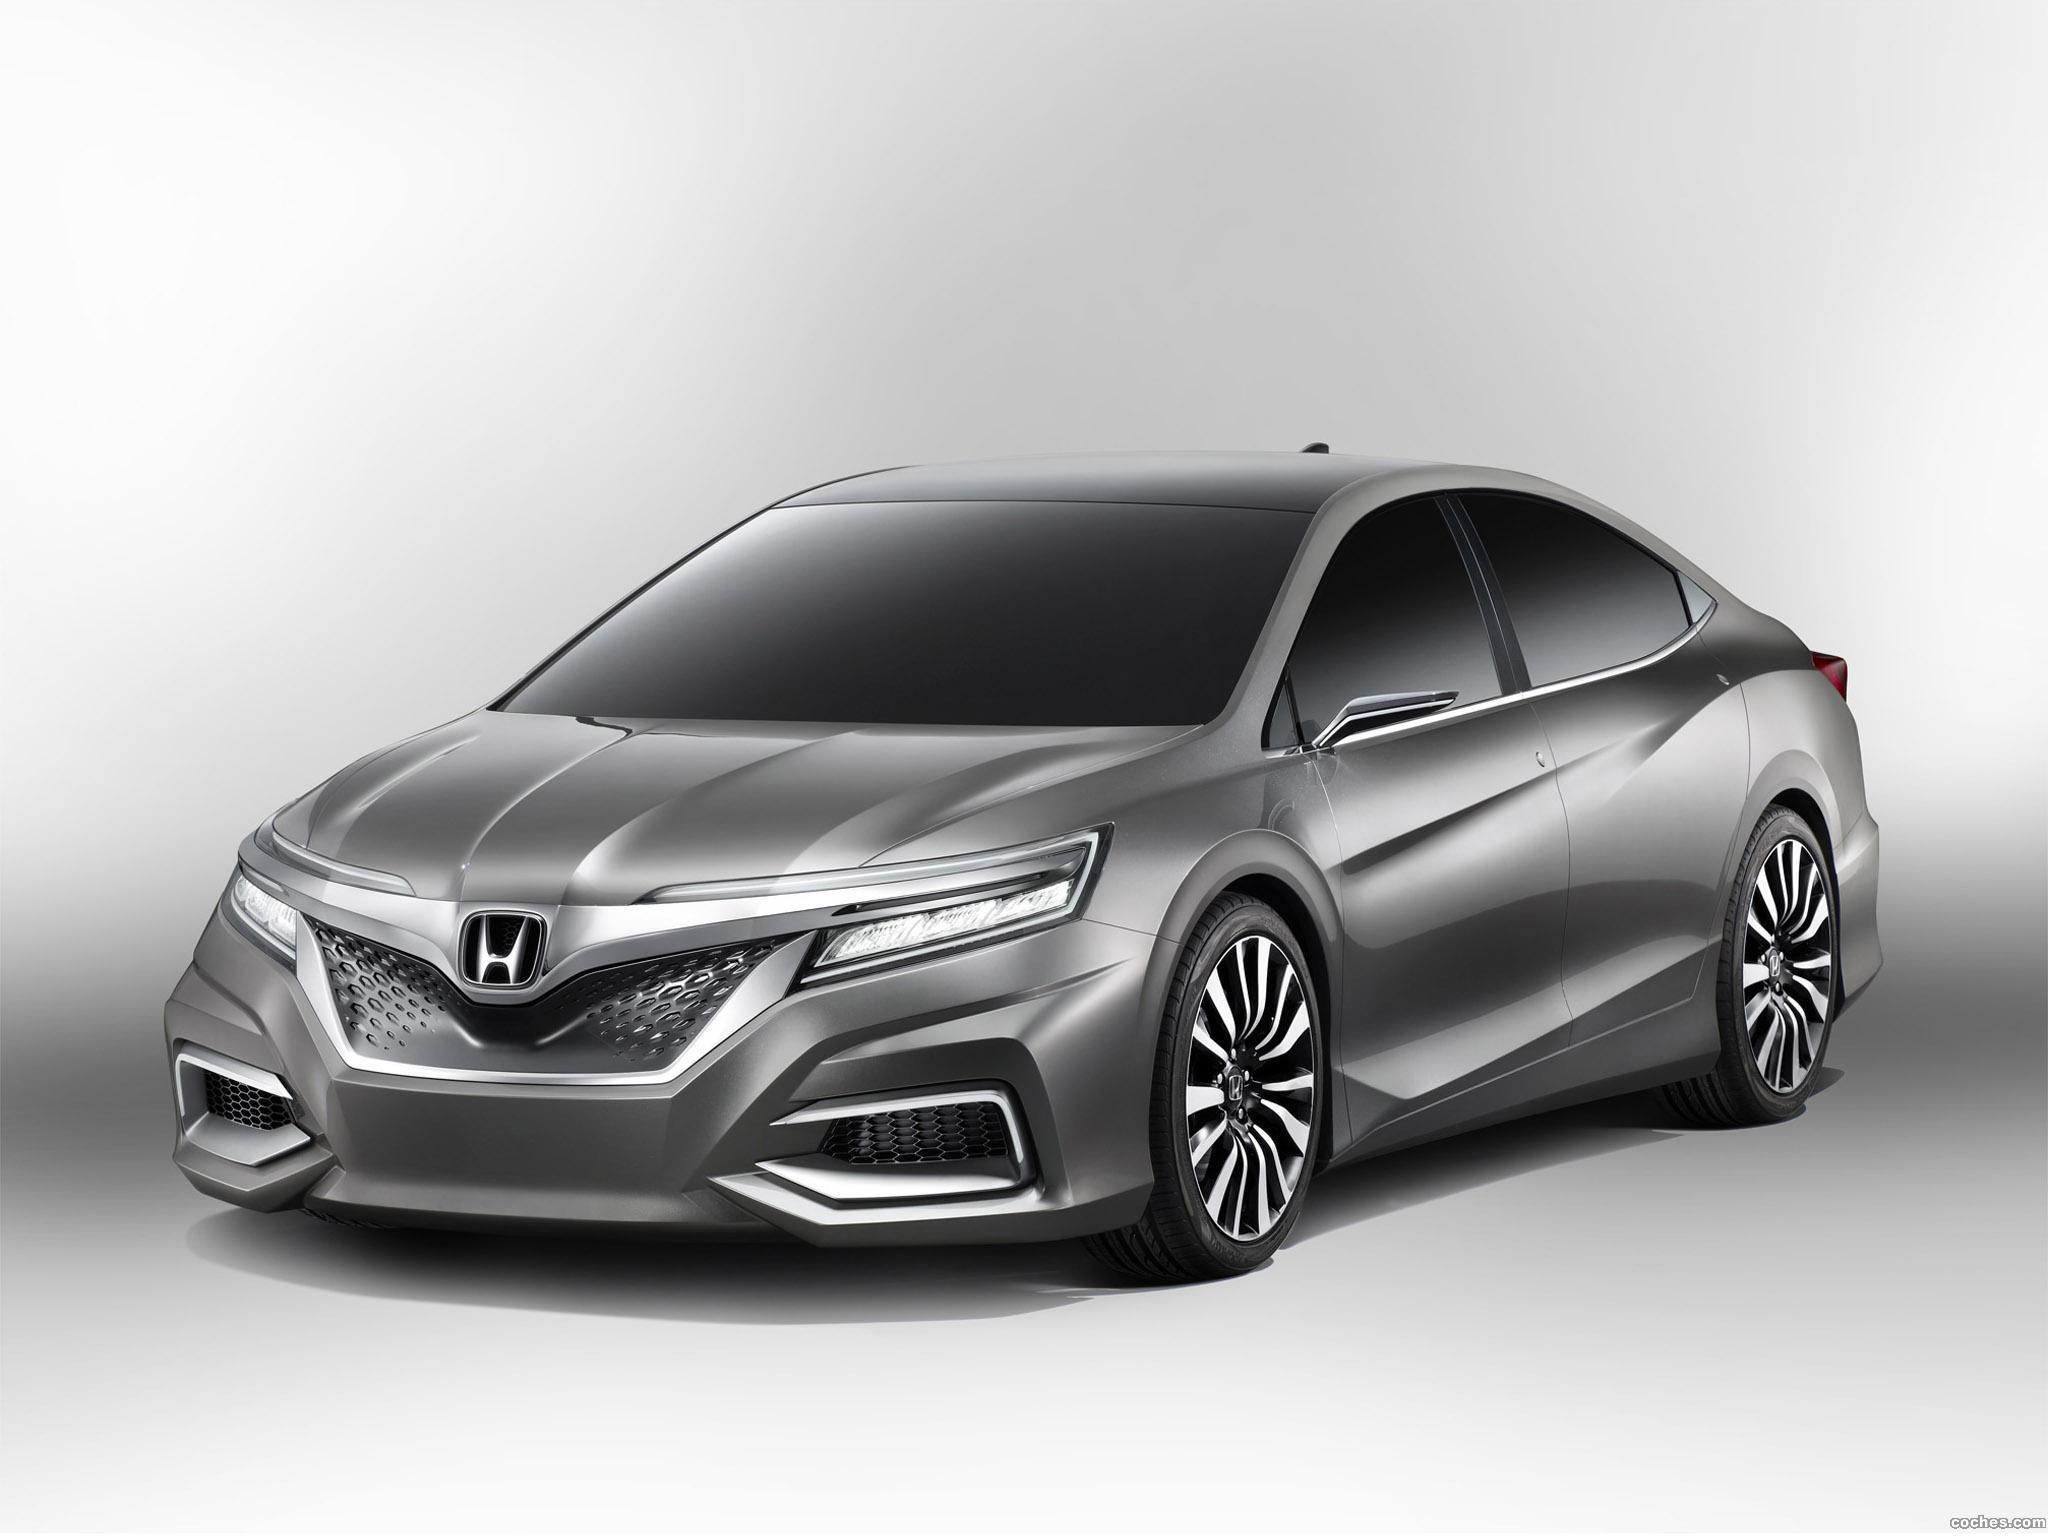 Foto 0 de Honda C Concept 2012